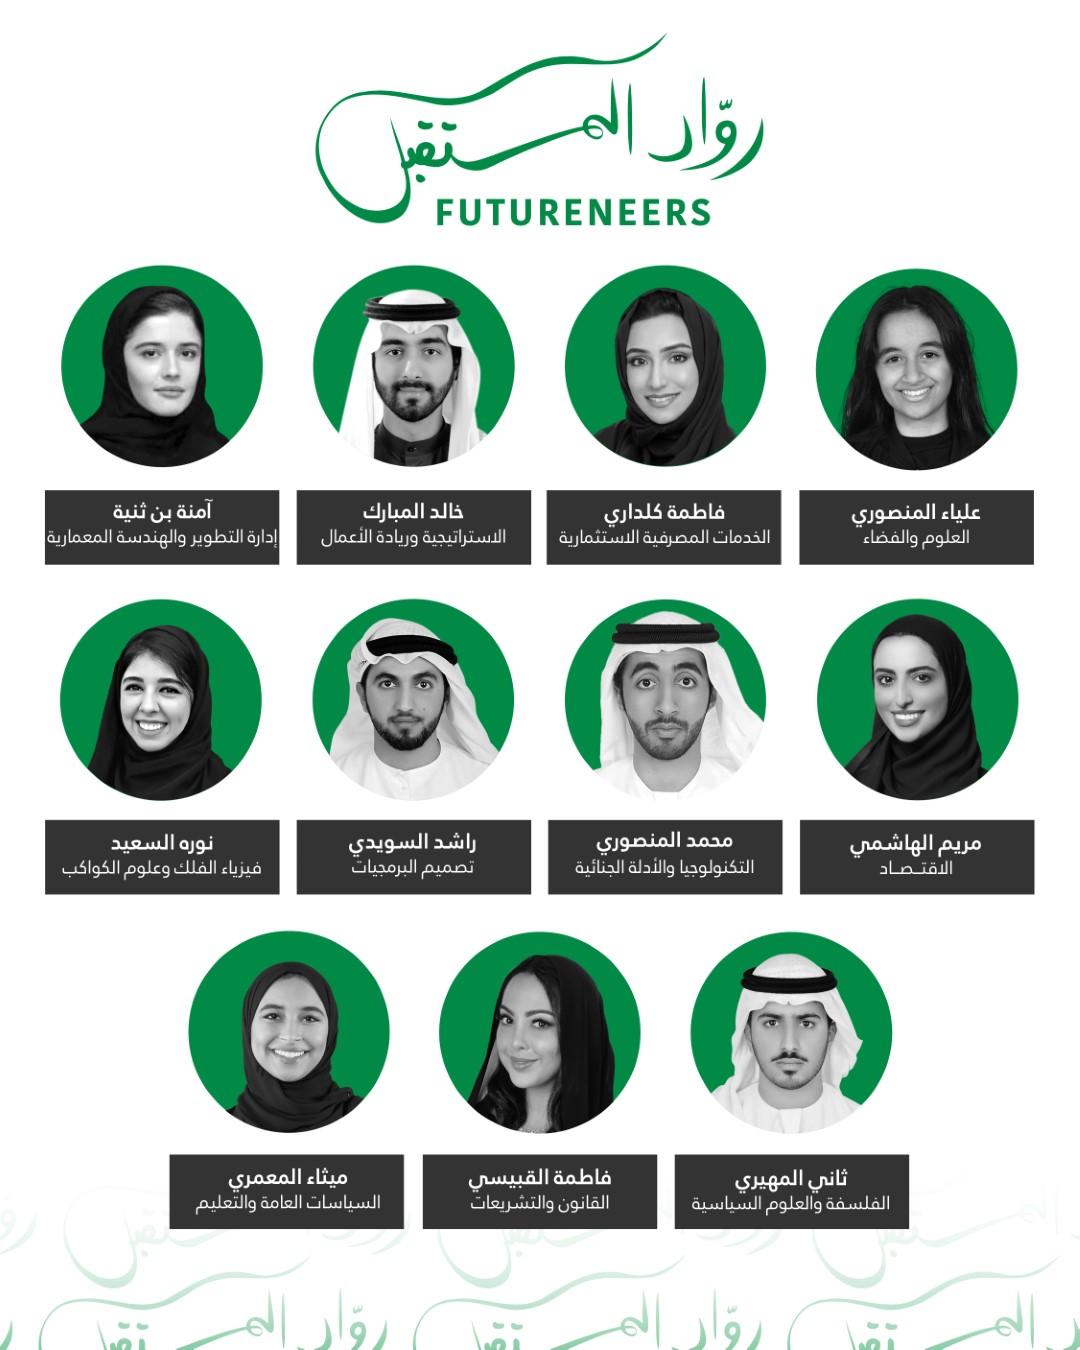 """مكتب التطوير الحكومي والمستقبل في حكومة الإمارات يطلق مبادرة """"روّاد المستقبل"""""""